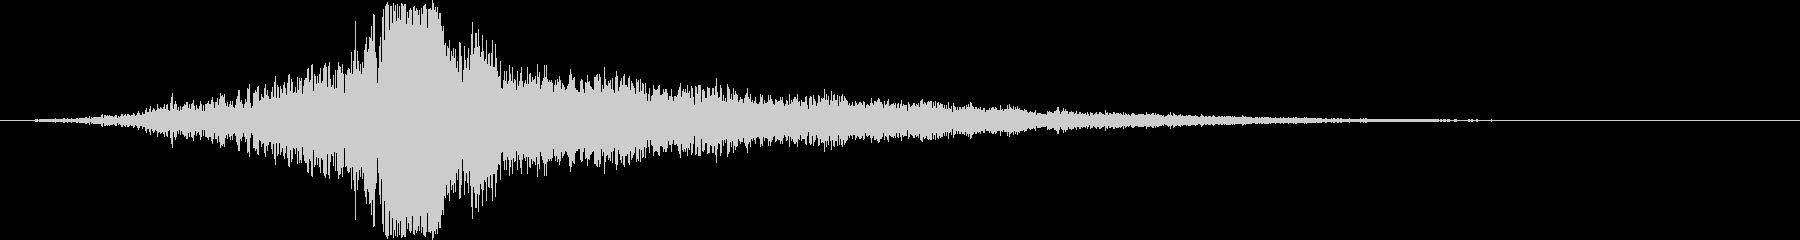 シネマティックサウンドFX_タイトルロゴの未再生の波形